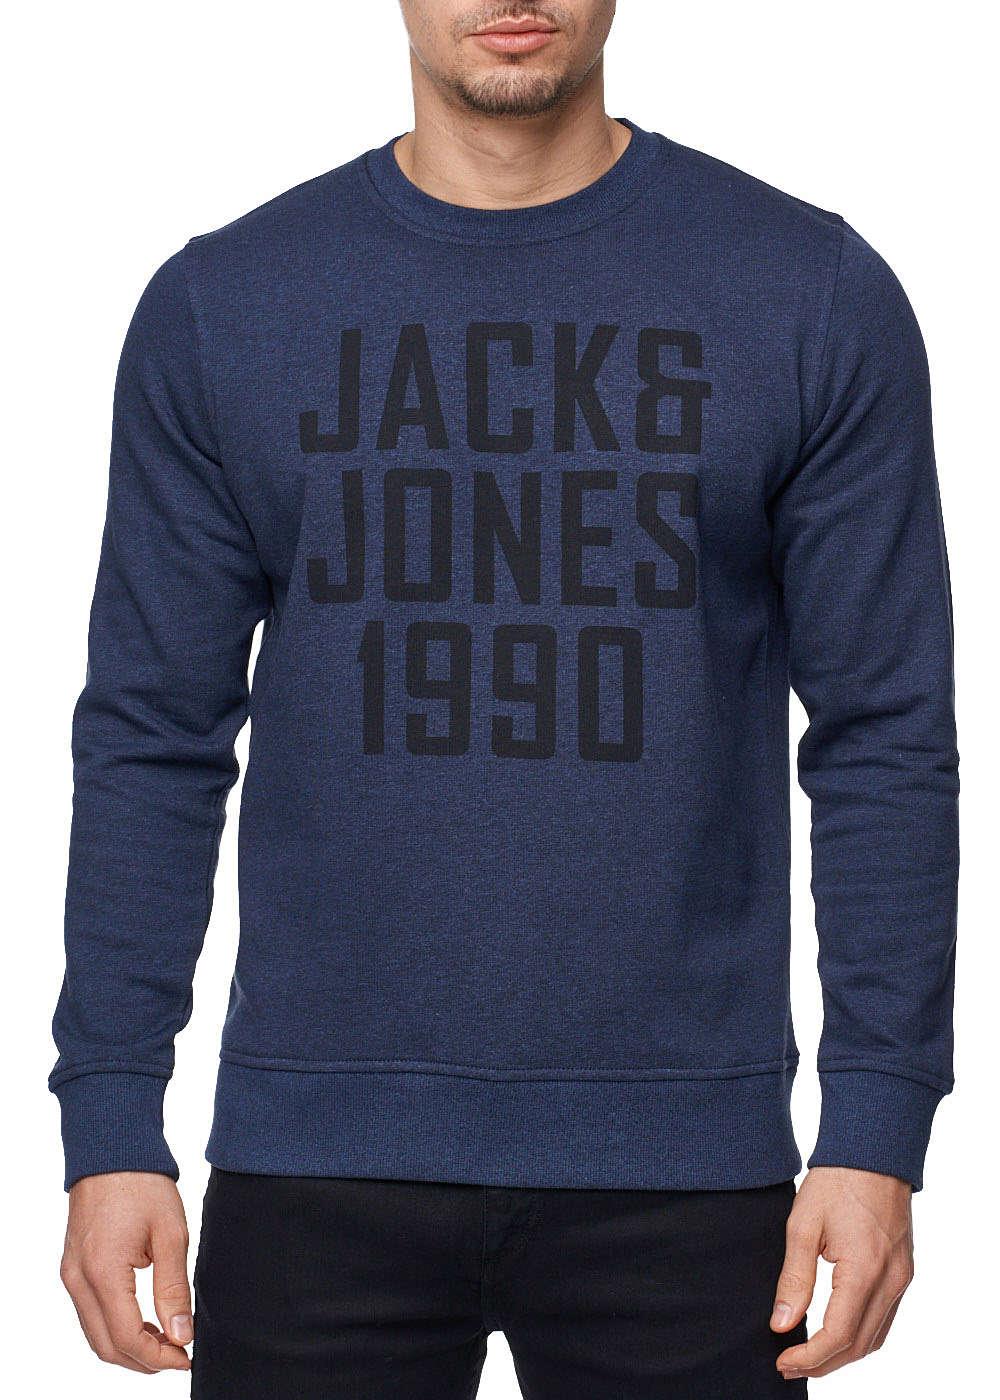 jack and jones herren sweater crew neck regular fit 1990. Black Bedroom Furniture Sets. Home Design Ideas